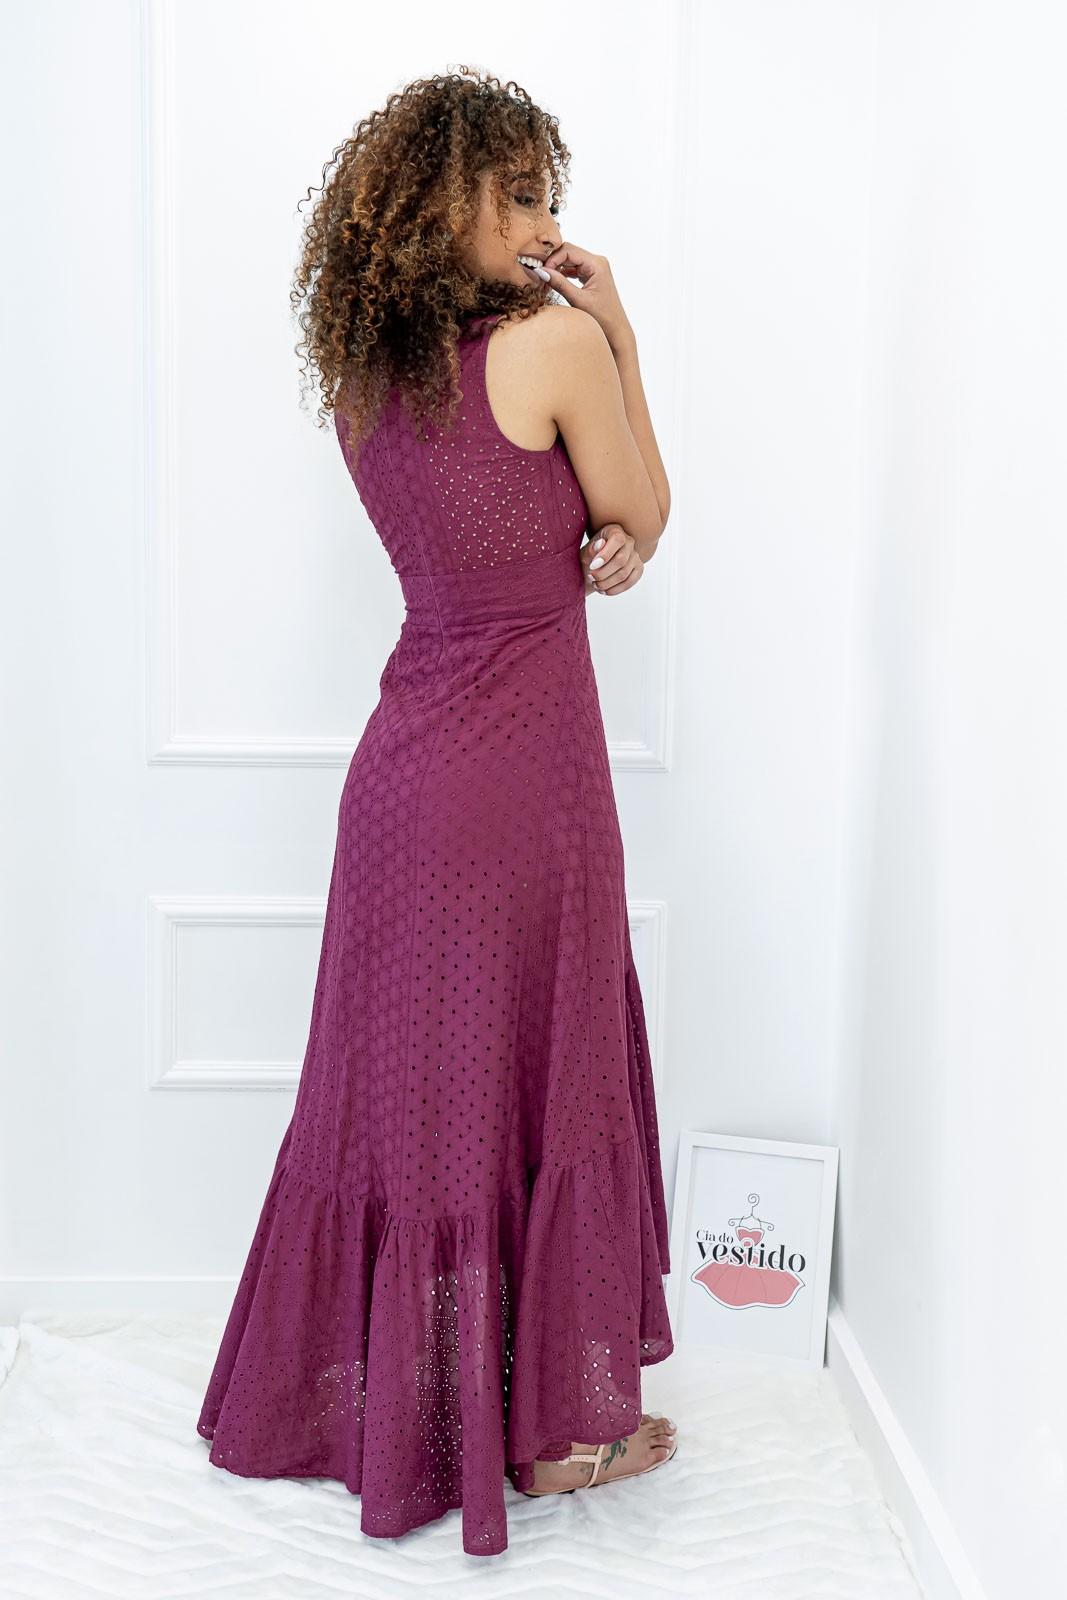 Vestido Audrey Laise Roxo